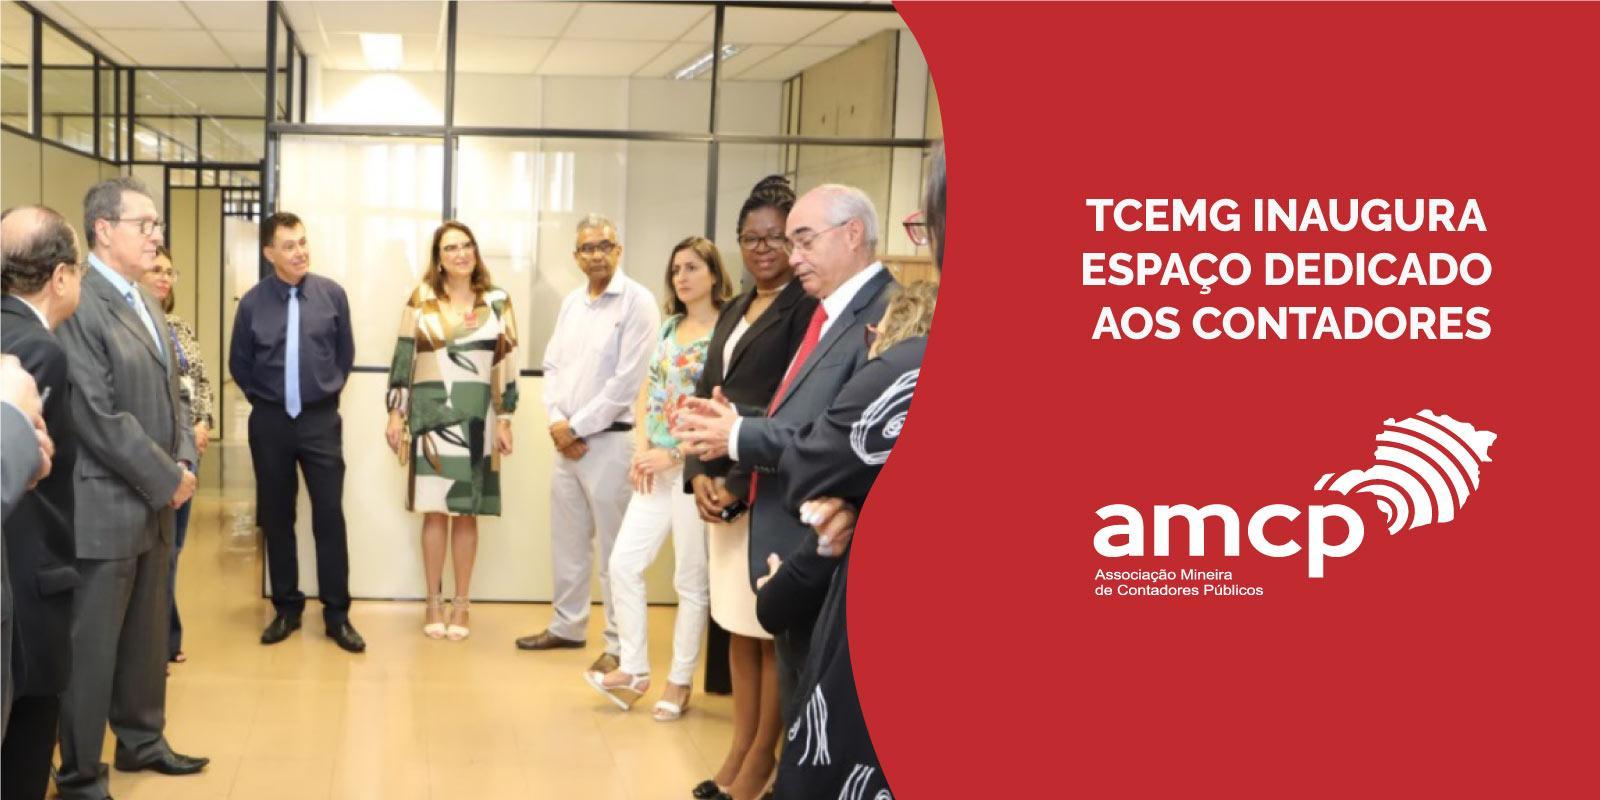 TCEMG inaugura espaço dedicado aos contadores